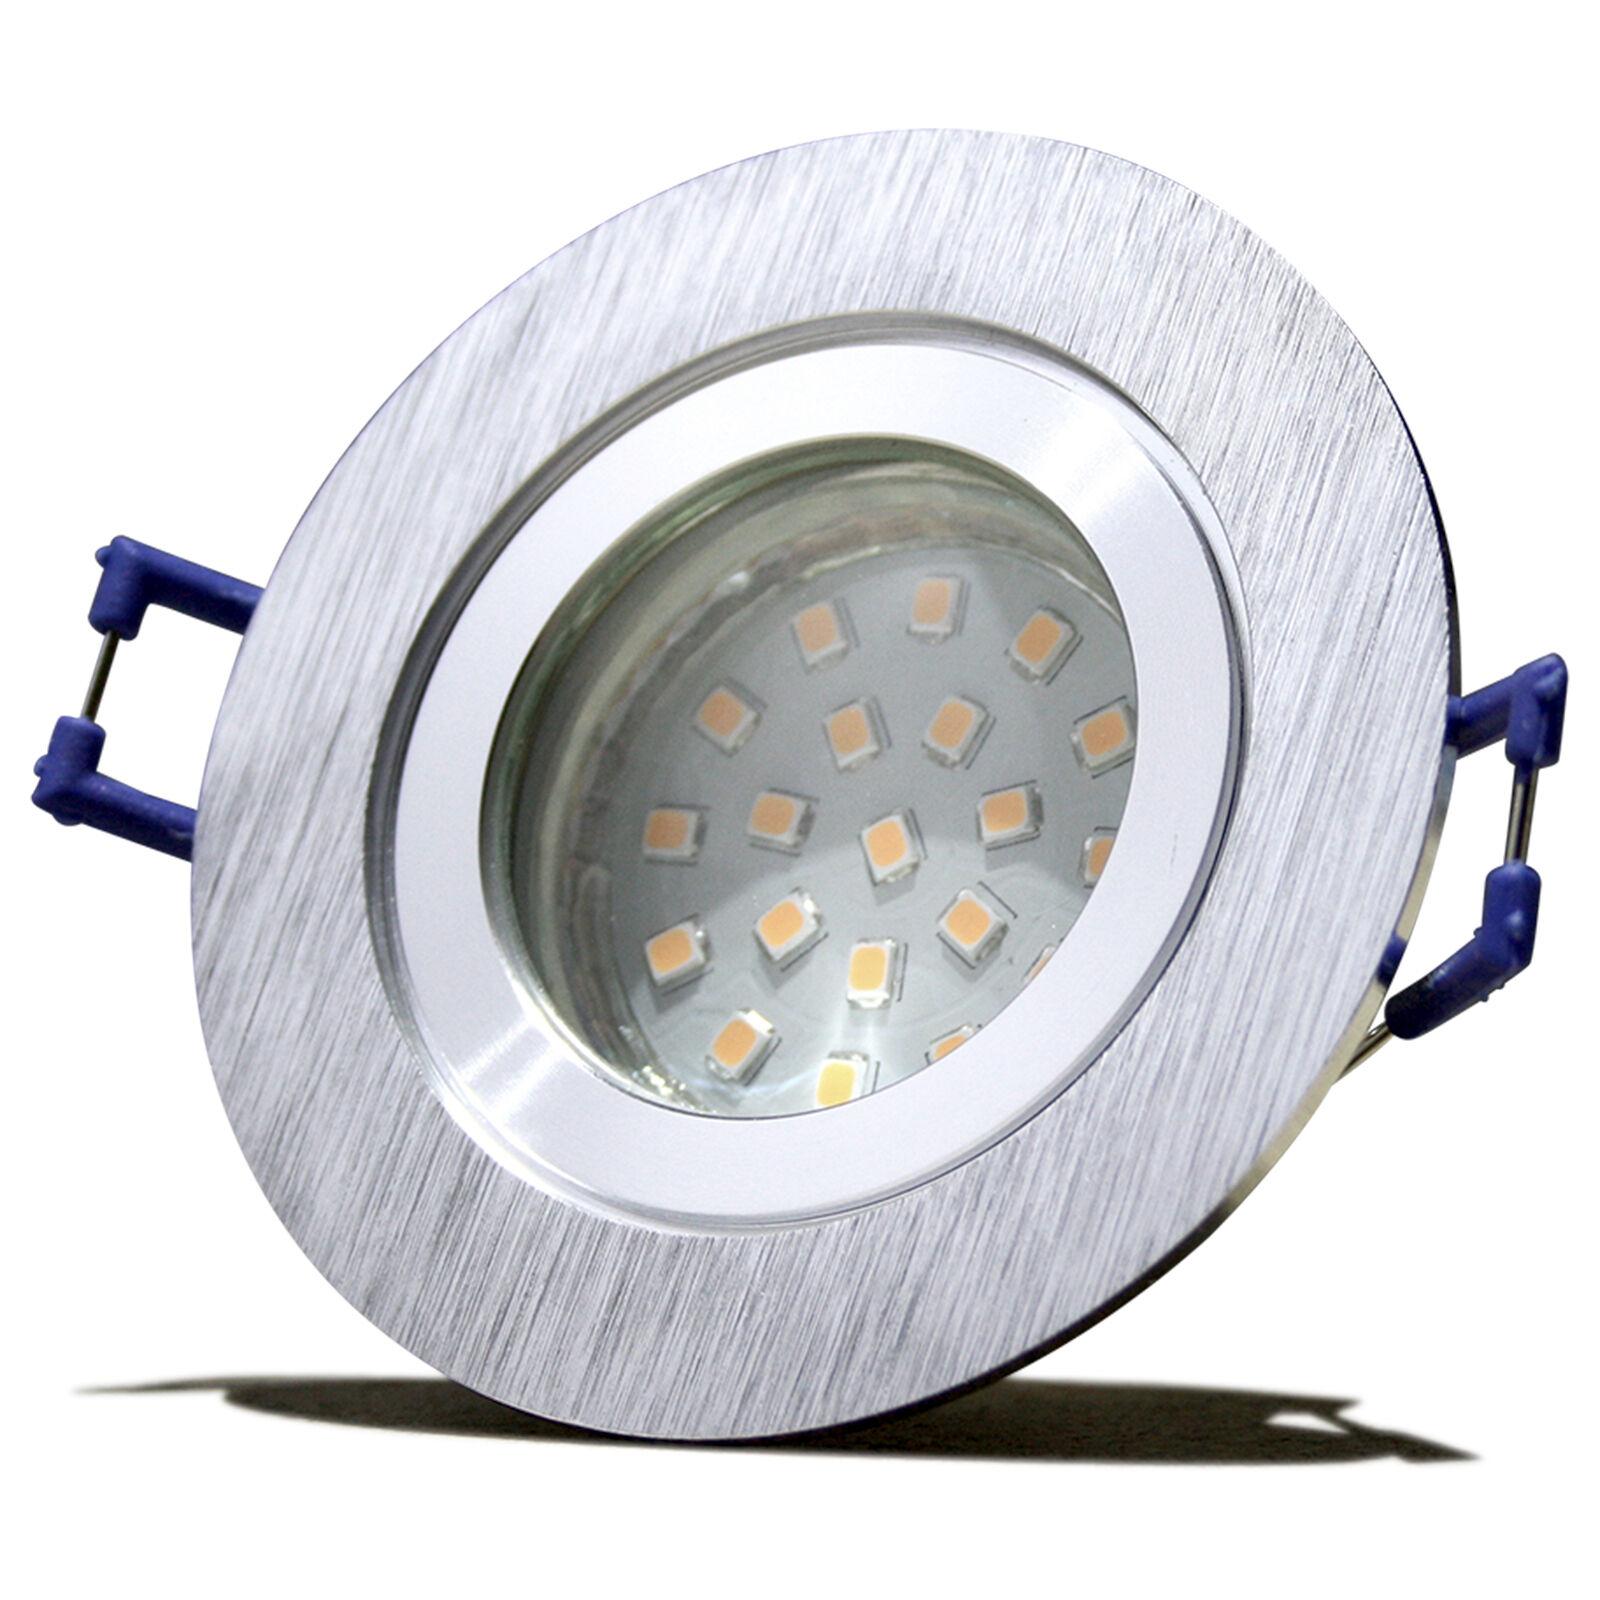 1- 10er Sets 7W60W SMD SMD SMD LED Bad Einbaustrahler Marina 230V   IP44   Feuchtraum       | Charmantes Design  | Elegante und robuste Verpackung  | Jeder beschriebene Artikel ist verfügbar  83cd6c